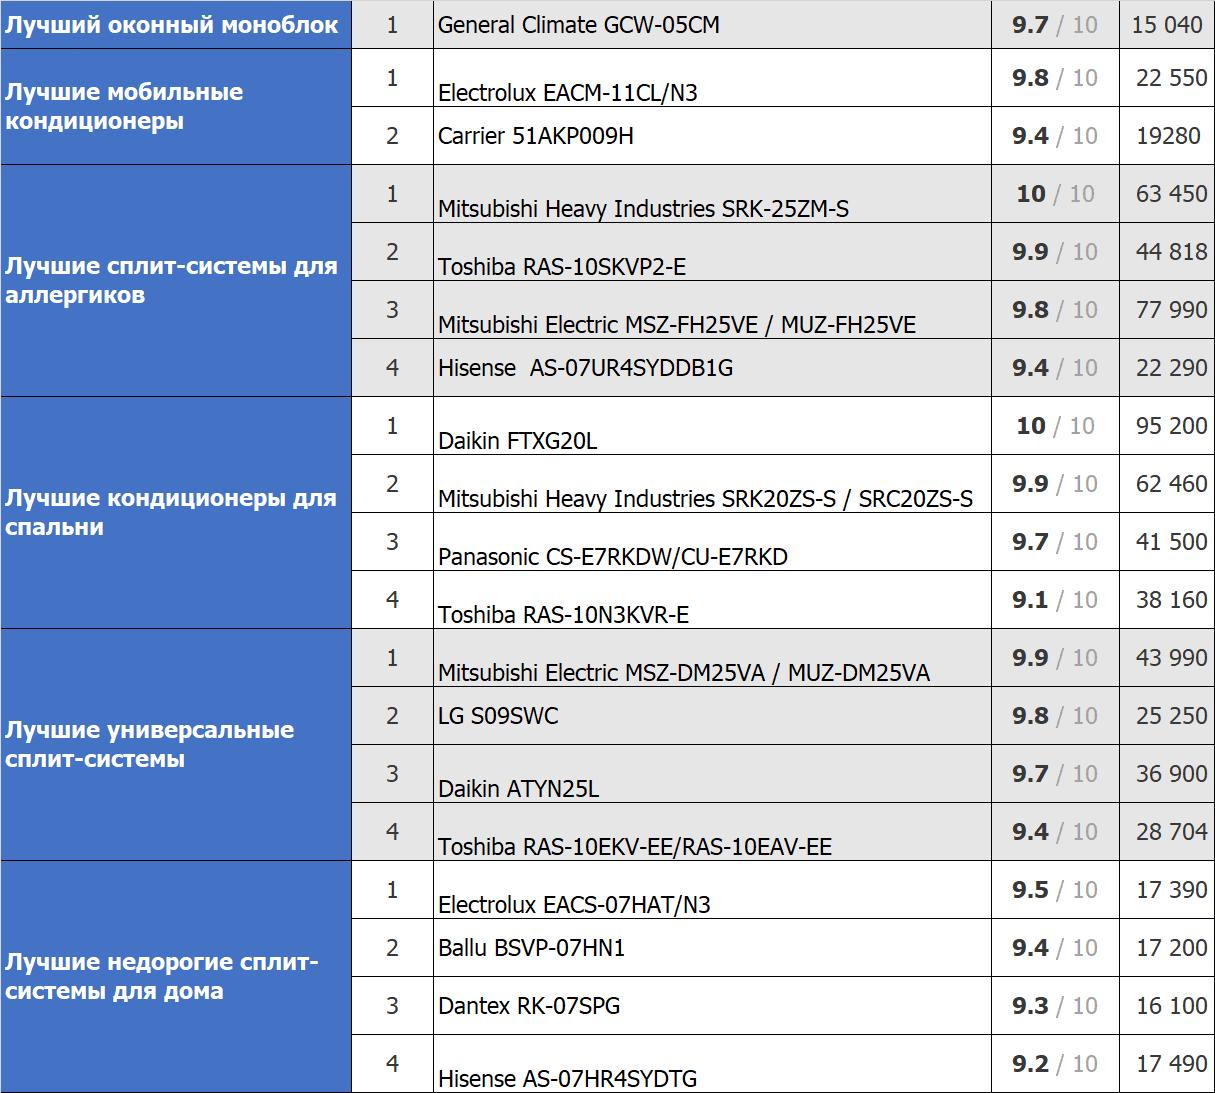 Таблица лучших брендов 2019